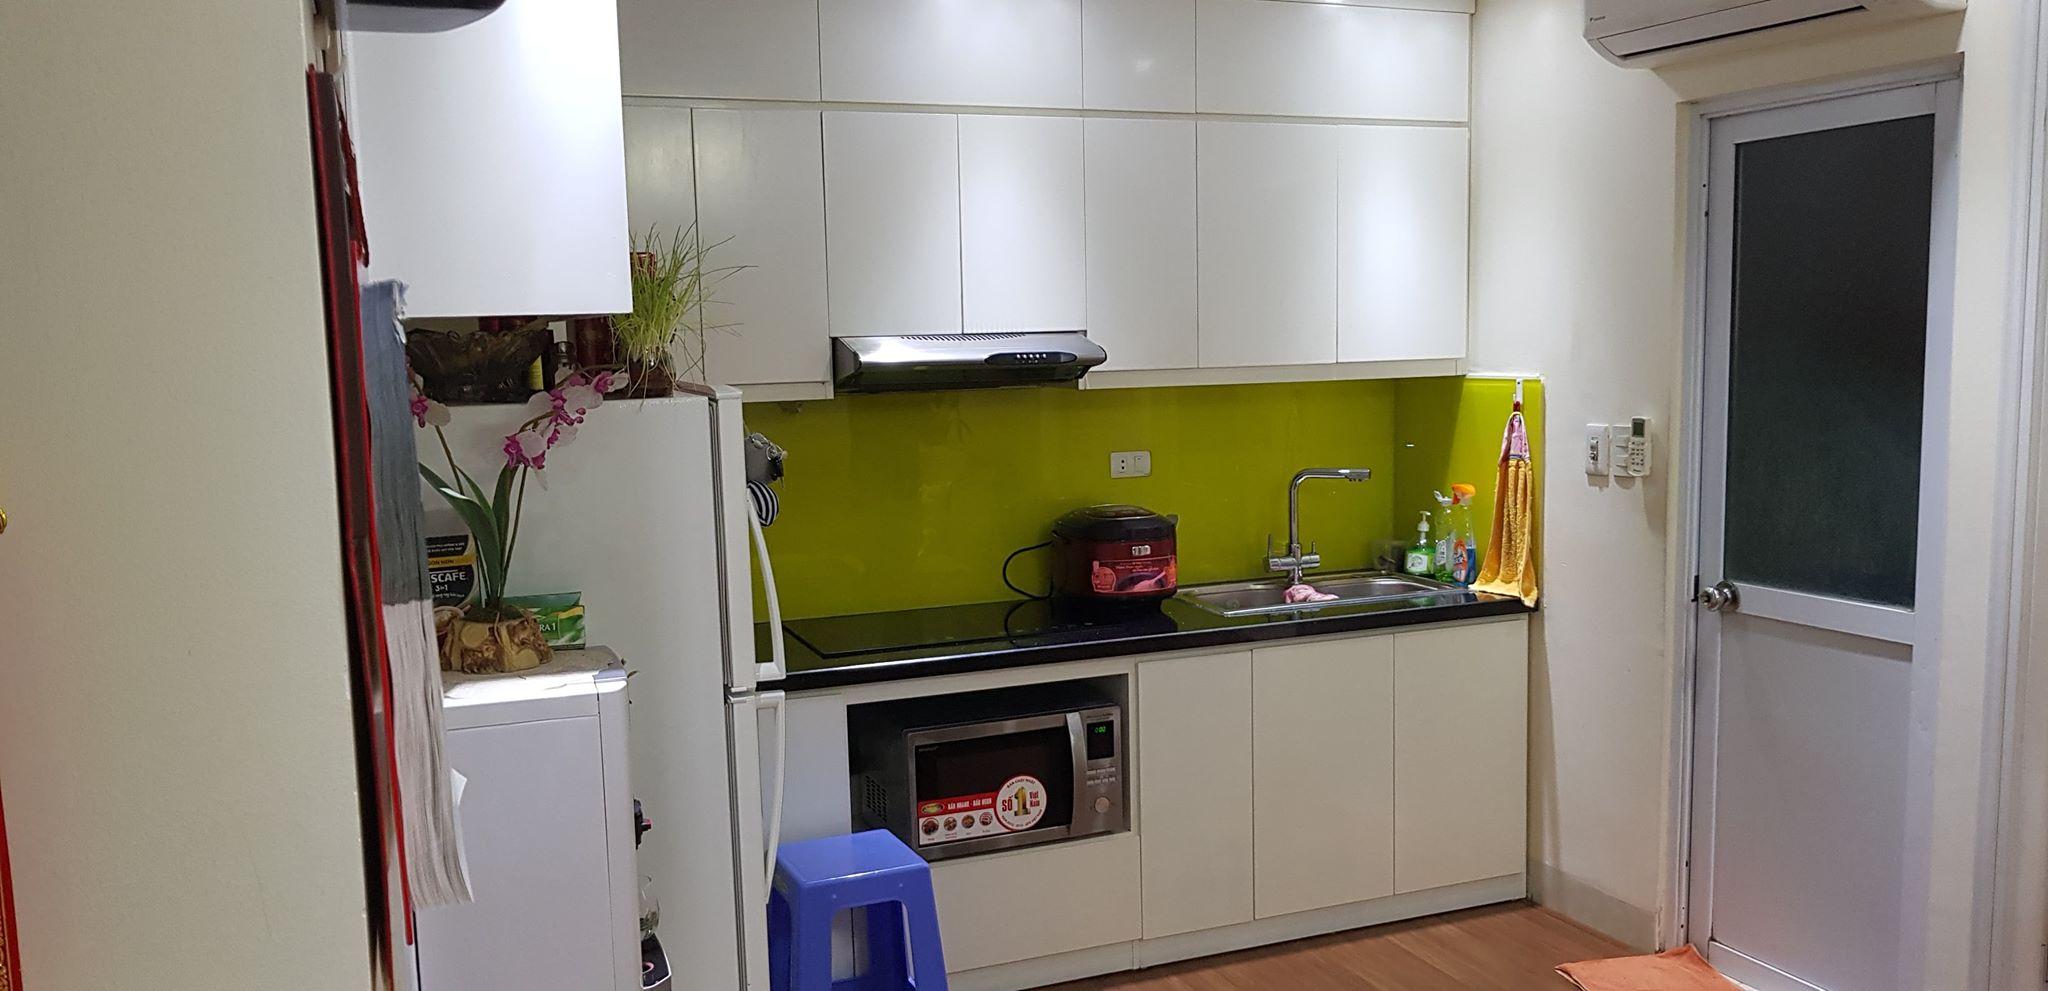 Giá sốc  Bán chung cư mini full nội thất,tiện nghi sang trọng Phố Chùa Bộc,Tây Sơn   1.1 tỷ